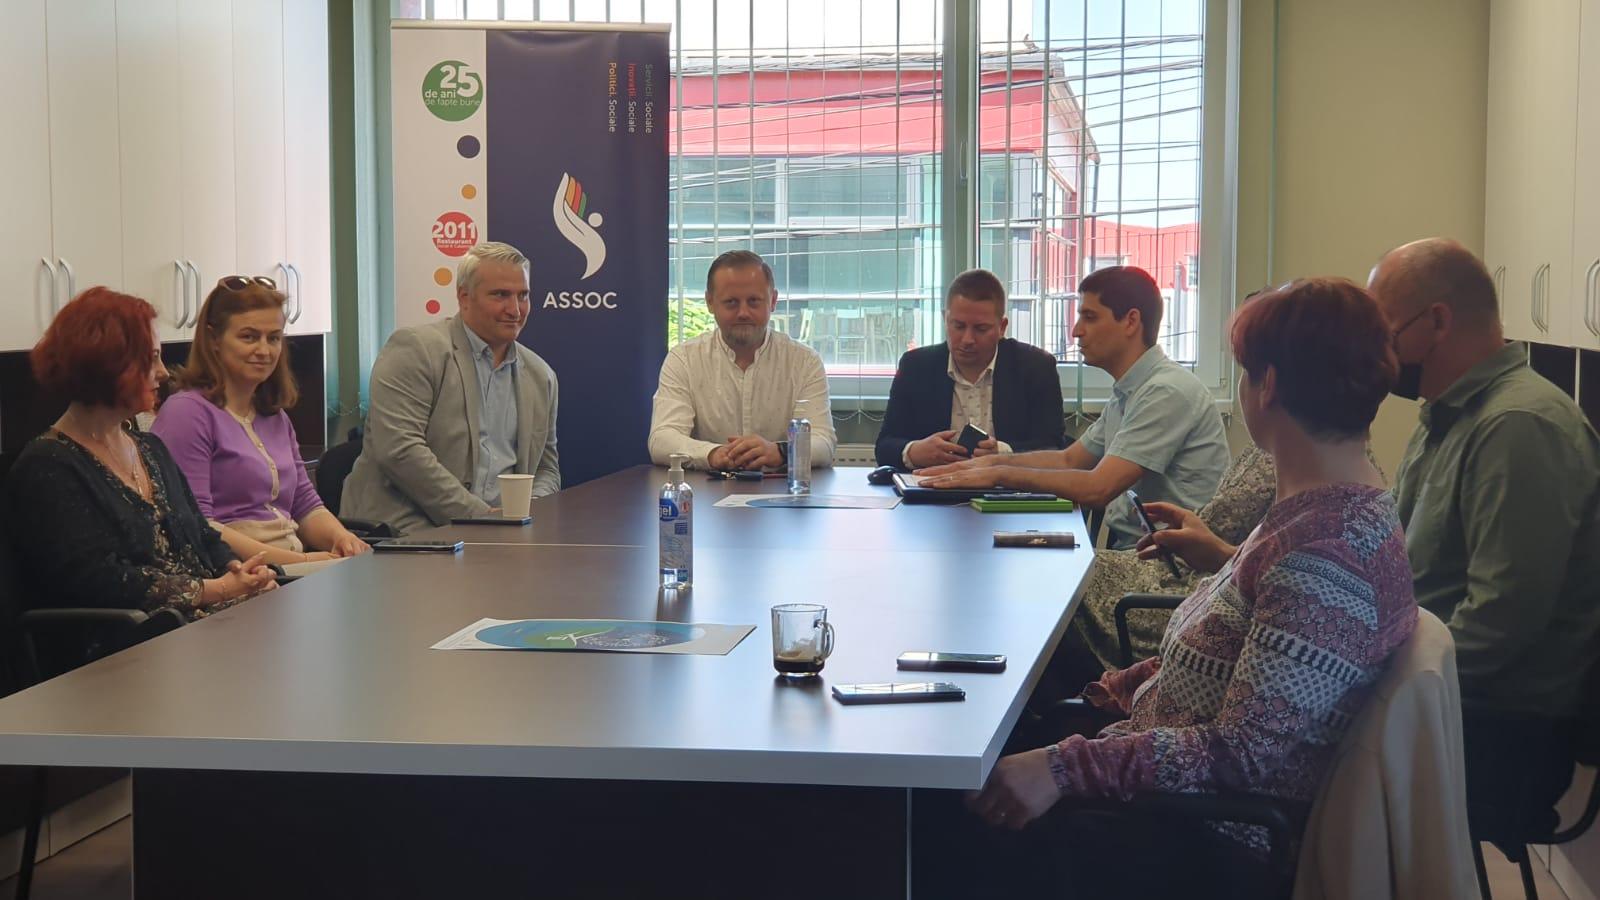 COMUNICAT DE PRESĂ LANSARE PROIECT: ASSOC contribuie la dezvoltarea comunității din Baia Sprie prin măsuri integrate